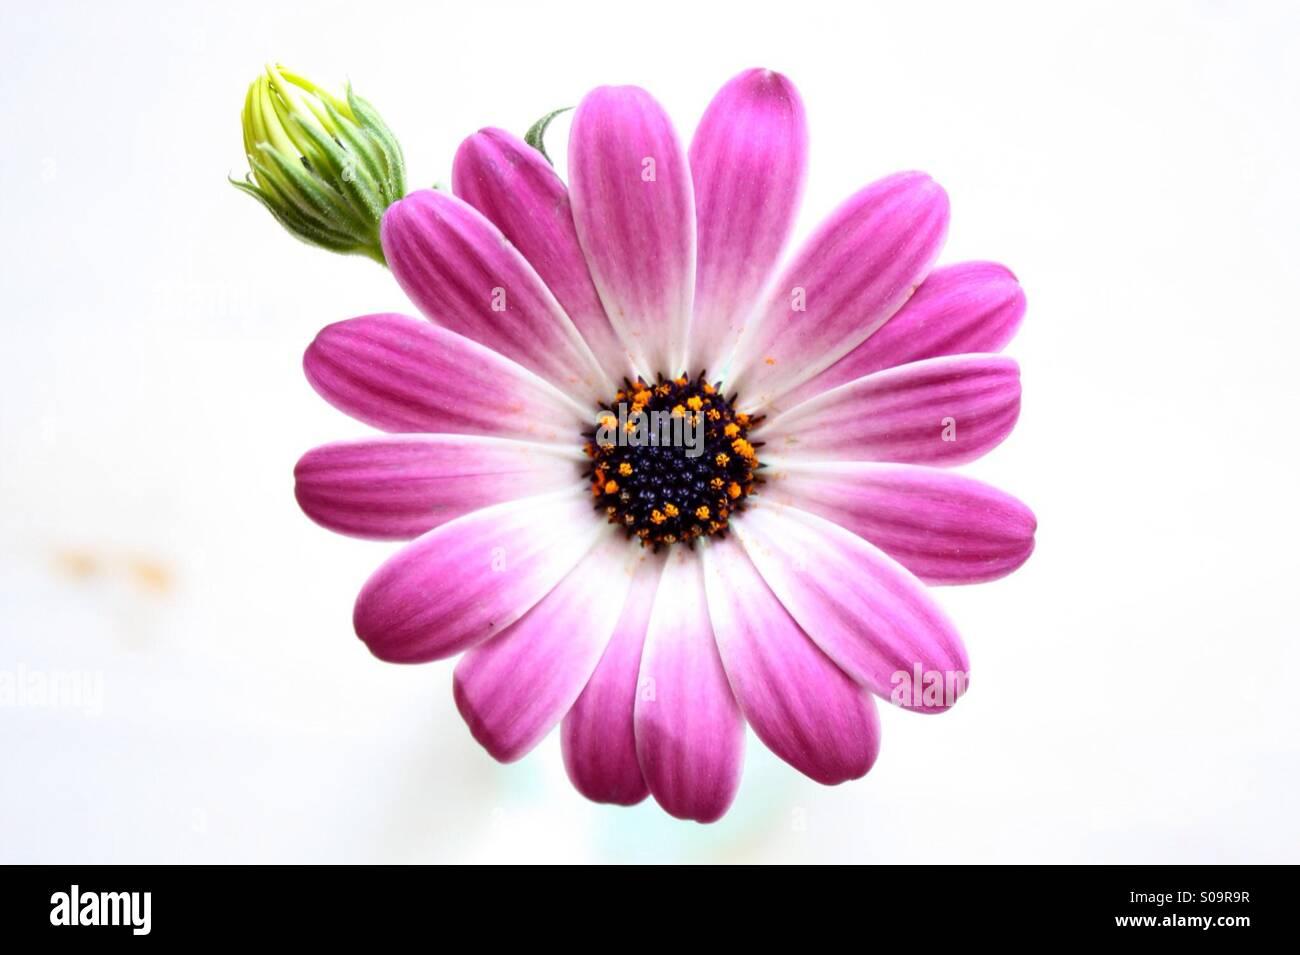 Violett flower in white Background - Stock Image